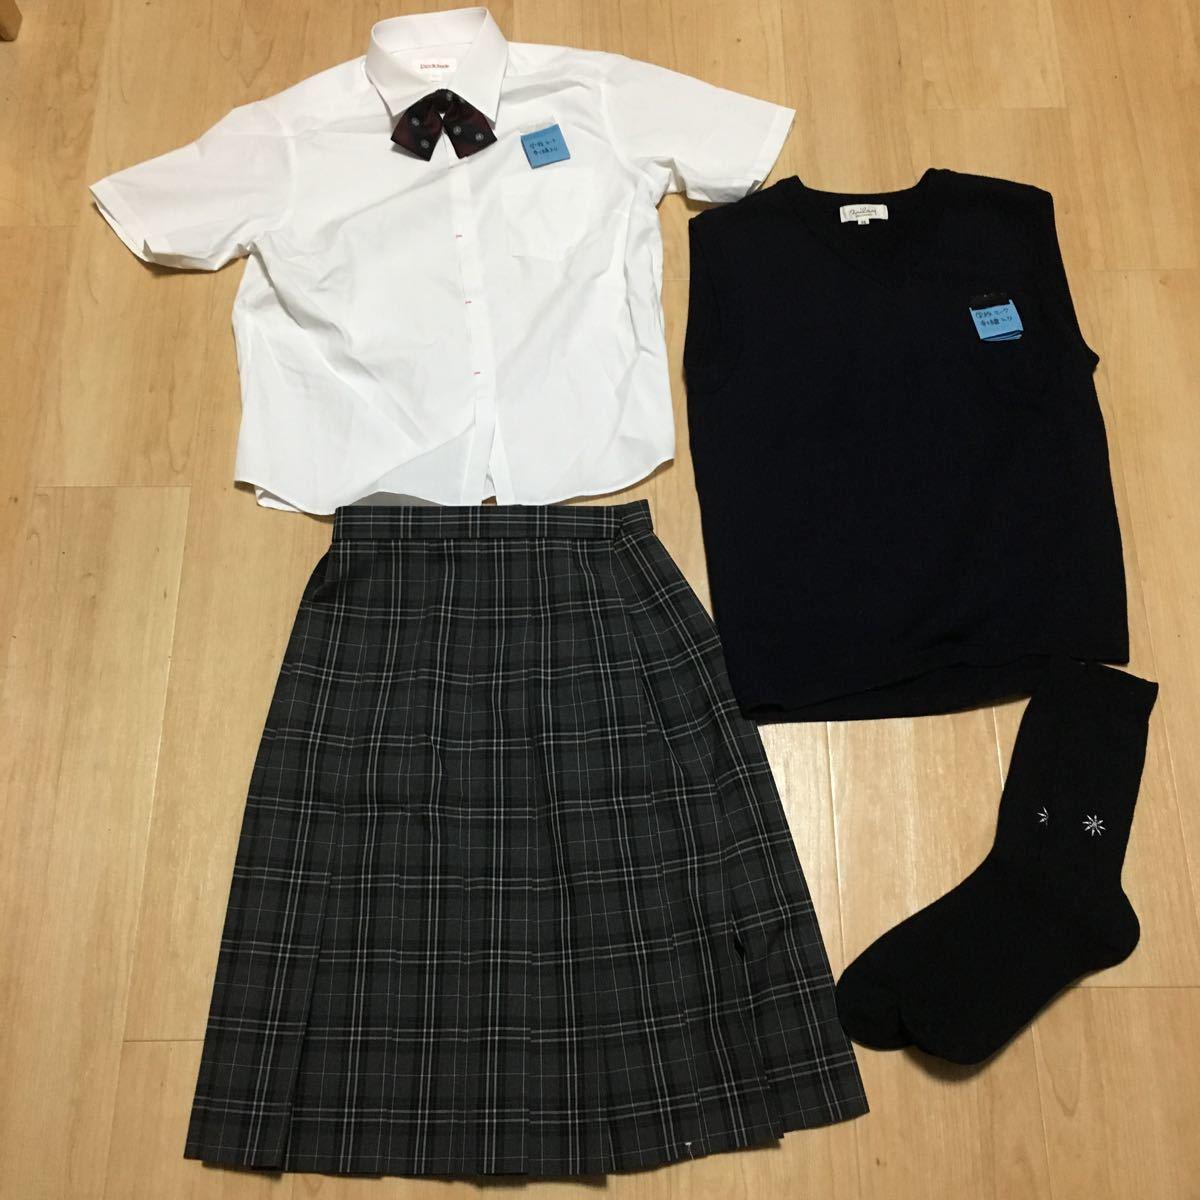 【コスプレ 女子高校制服5点セット】女子半袖ブラウス、夏スカート、ニットベスト、靴下、リボン展示見本使用中古